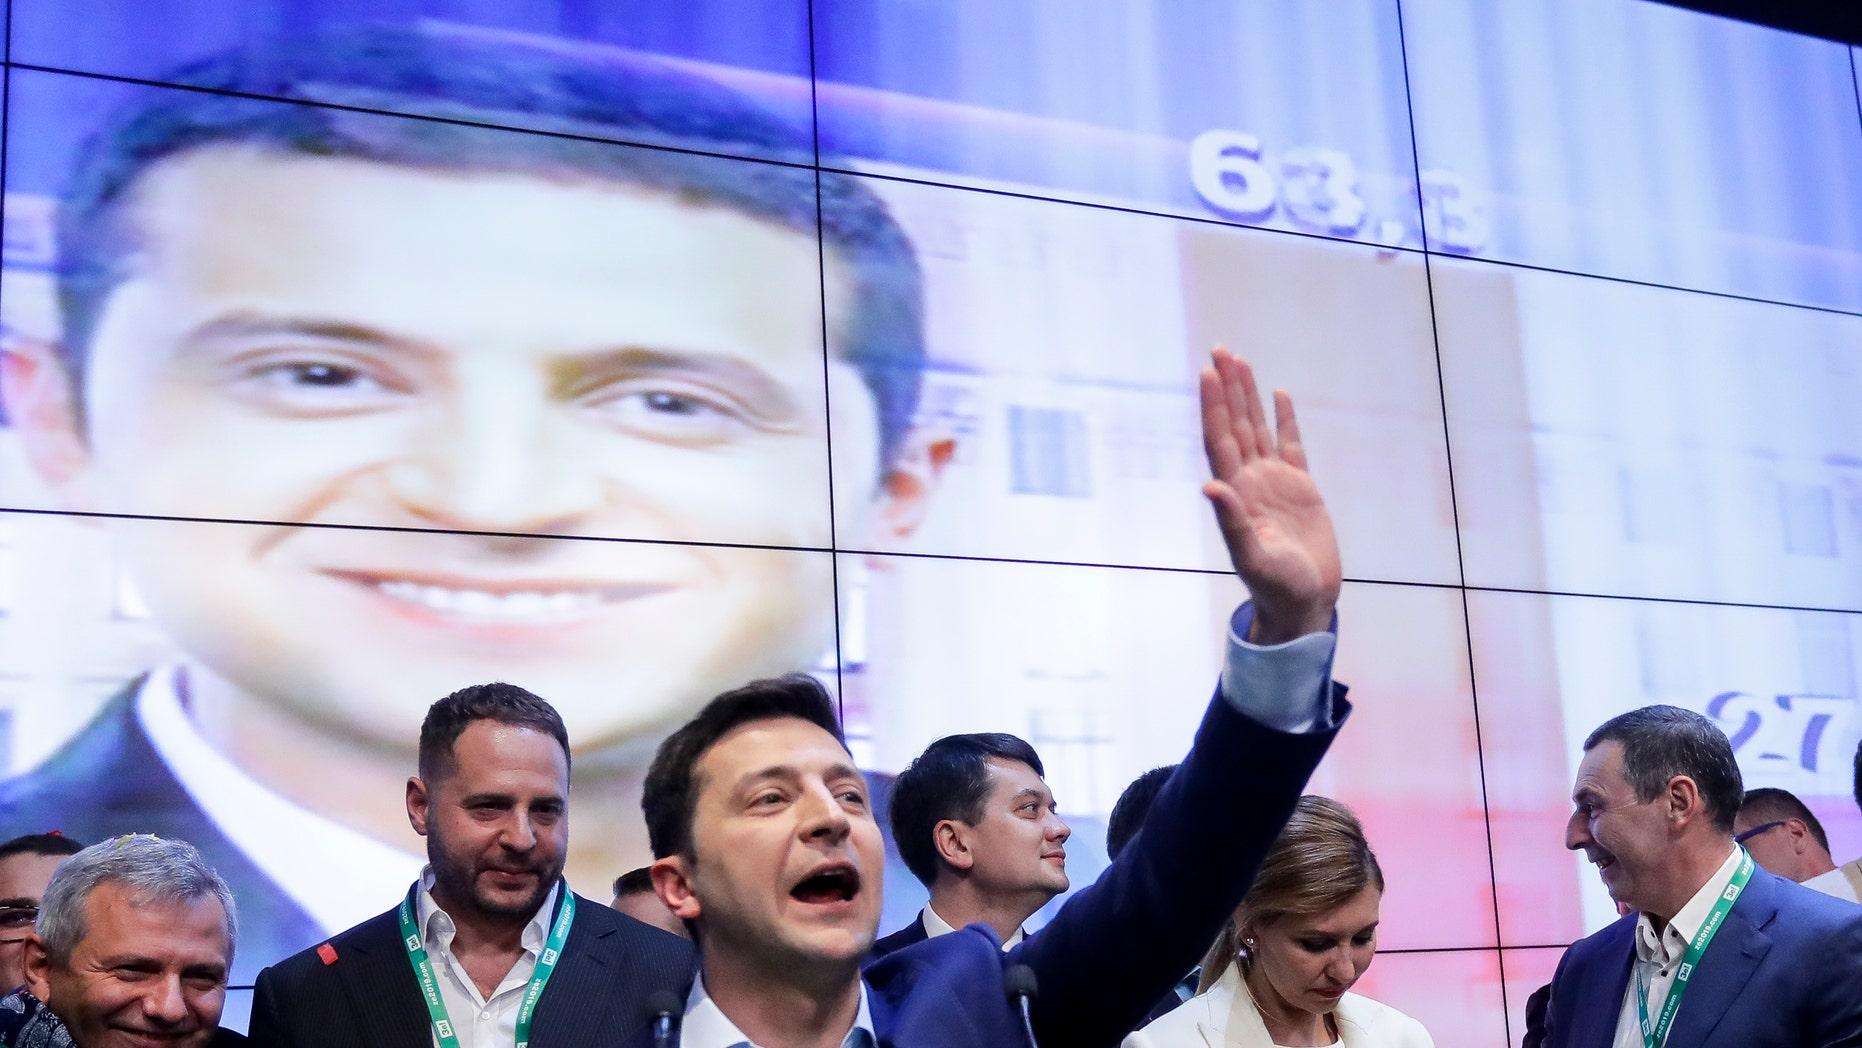 ولادیمیر زلنسکی، کمدین و کاندیدای ریاست جمهوری لهستان، هنگام صحبت با حامیانش در ستادش پس از دور دوم انتخابات ریاست جمهوری در کیف، اوکراین، یکشنبه، آوریل 21، 2019 است. اوکراینی روز یکشنبه در یک ریاست جمهوری در ریاست جمهوری، به عنوان رهبر سابق رئیس جمهور مبارزه کرد یک کمدین که فساد را محکوم می کند و نقش رئیس جمهور را در یک کمدی تلویزیونی بازی می کند، یک چالش جدی را از بین می برد.